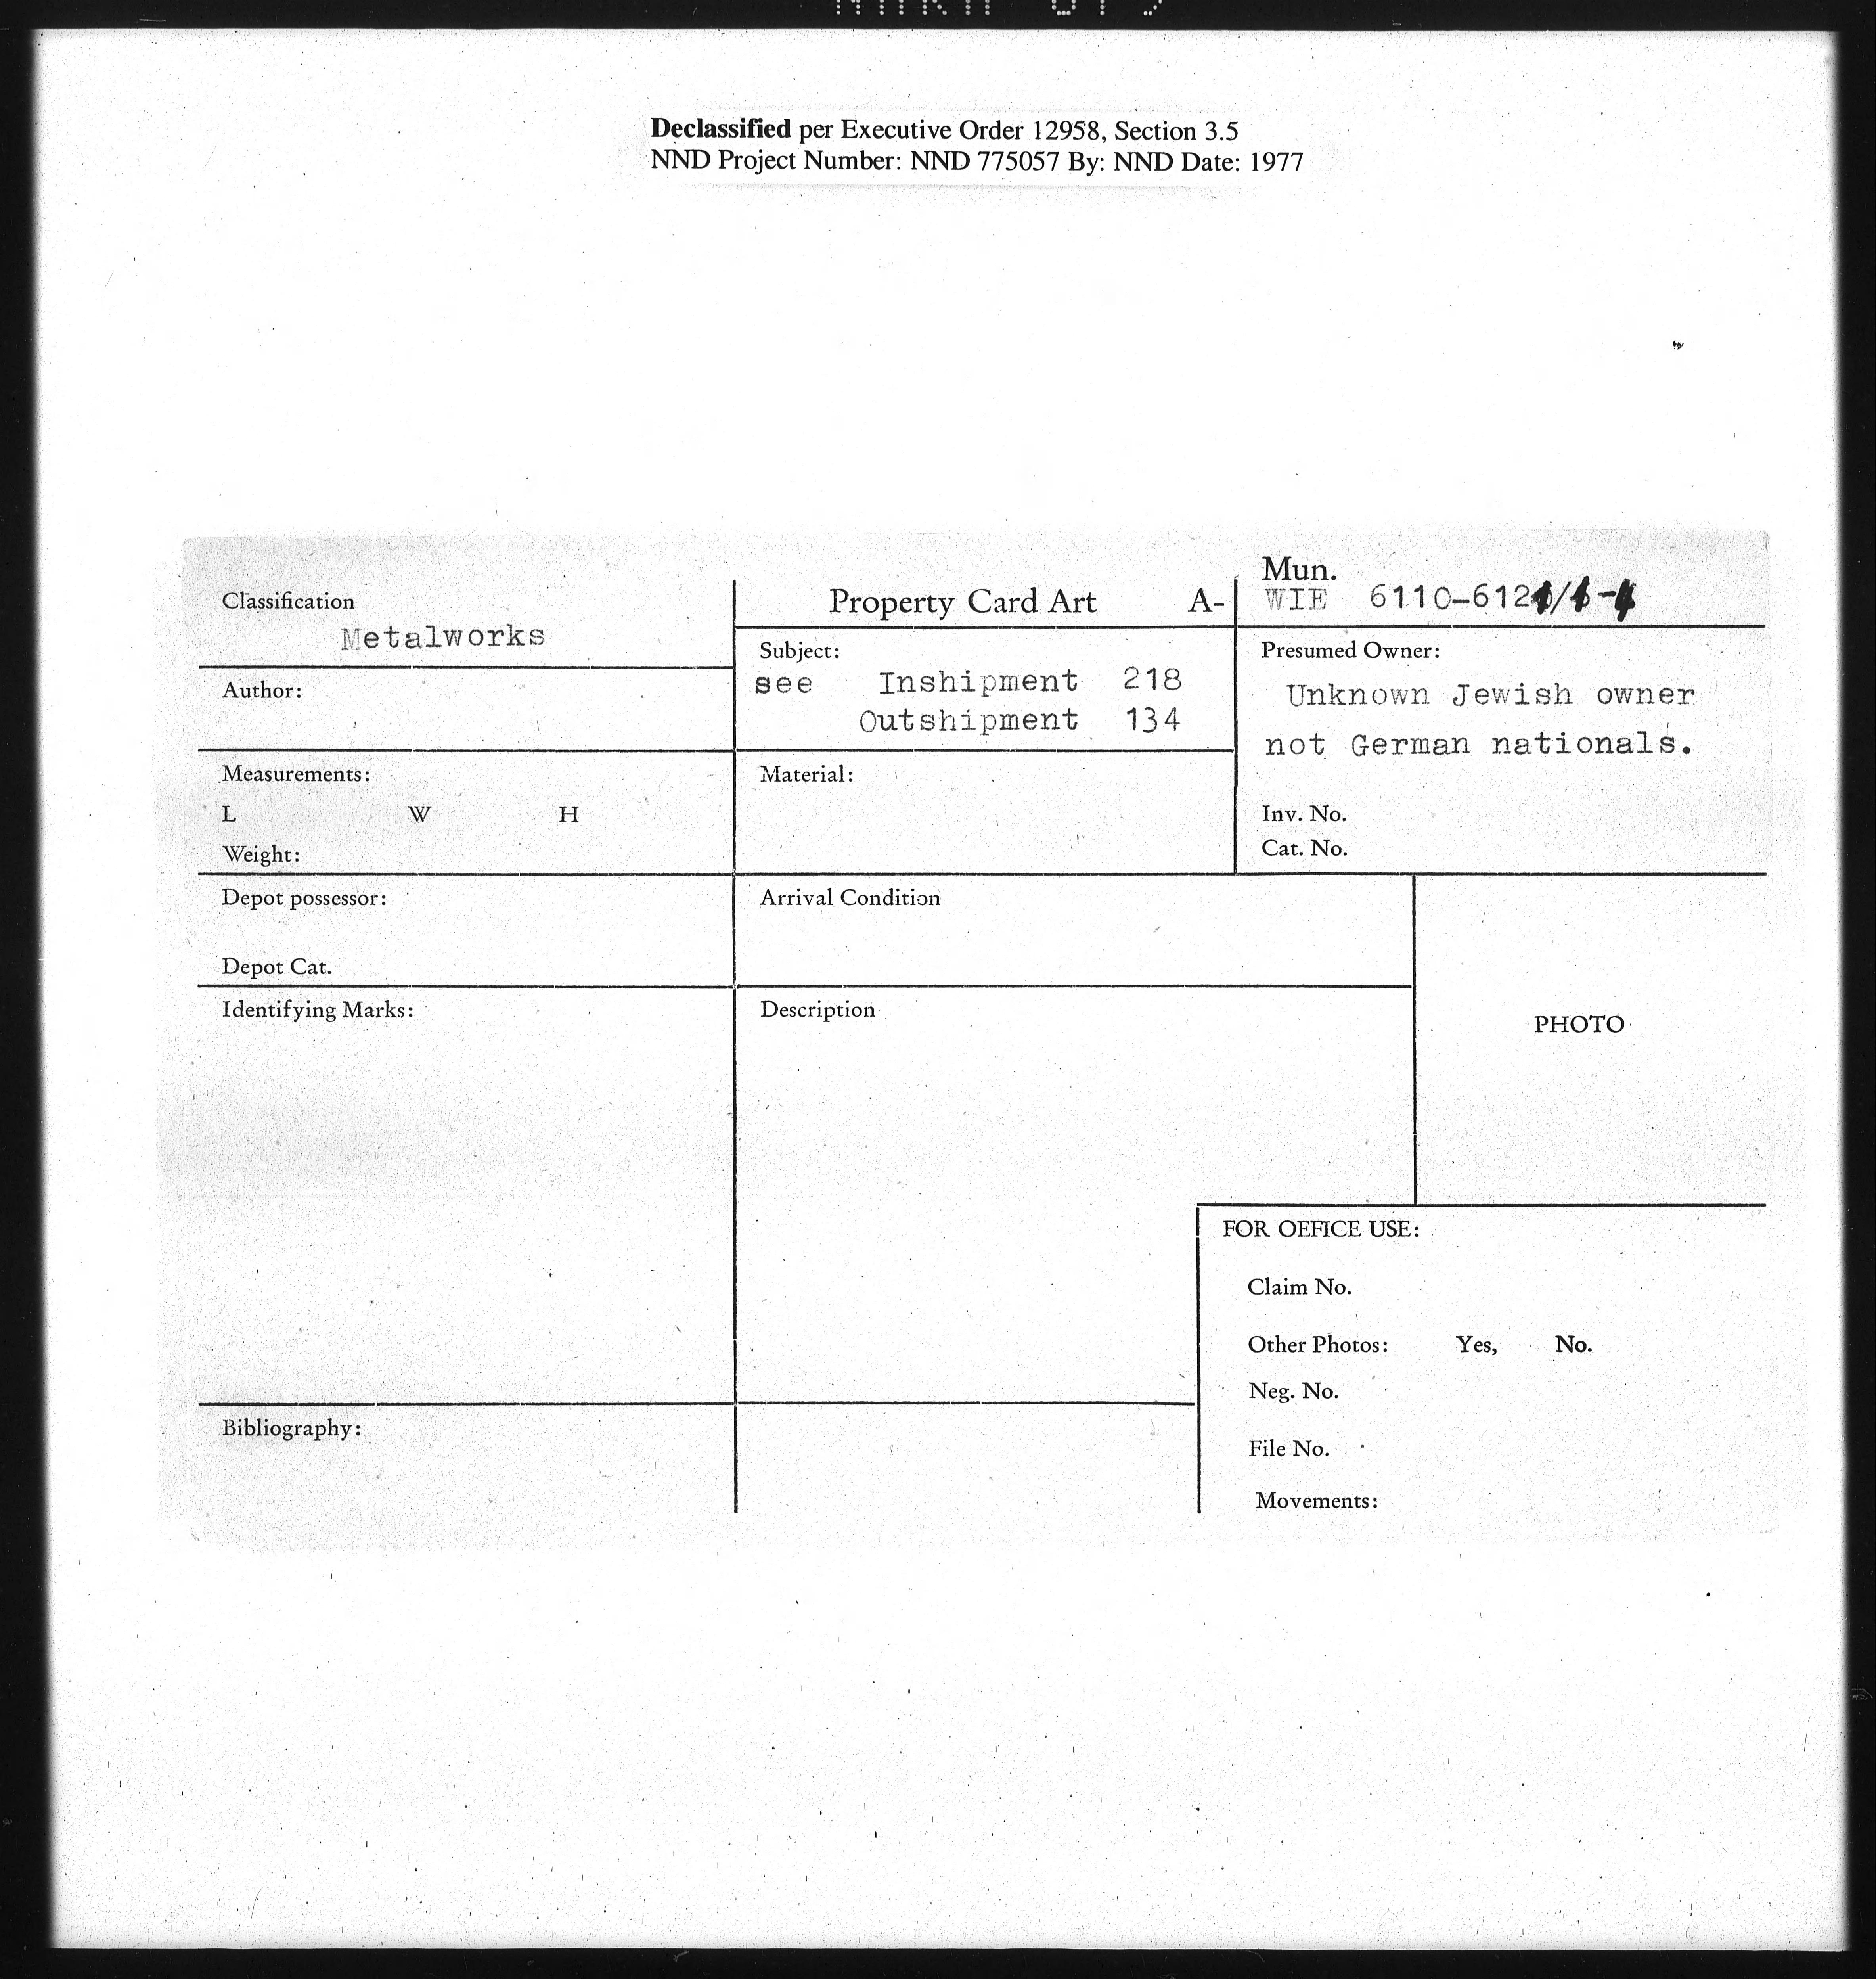 Metalworks: WIE 6110-6127/1-4, See Inshipment 218 Outshipment 134